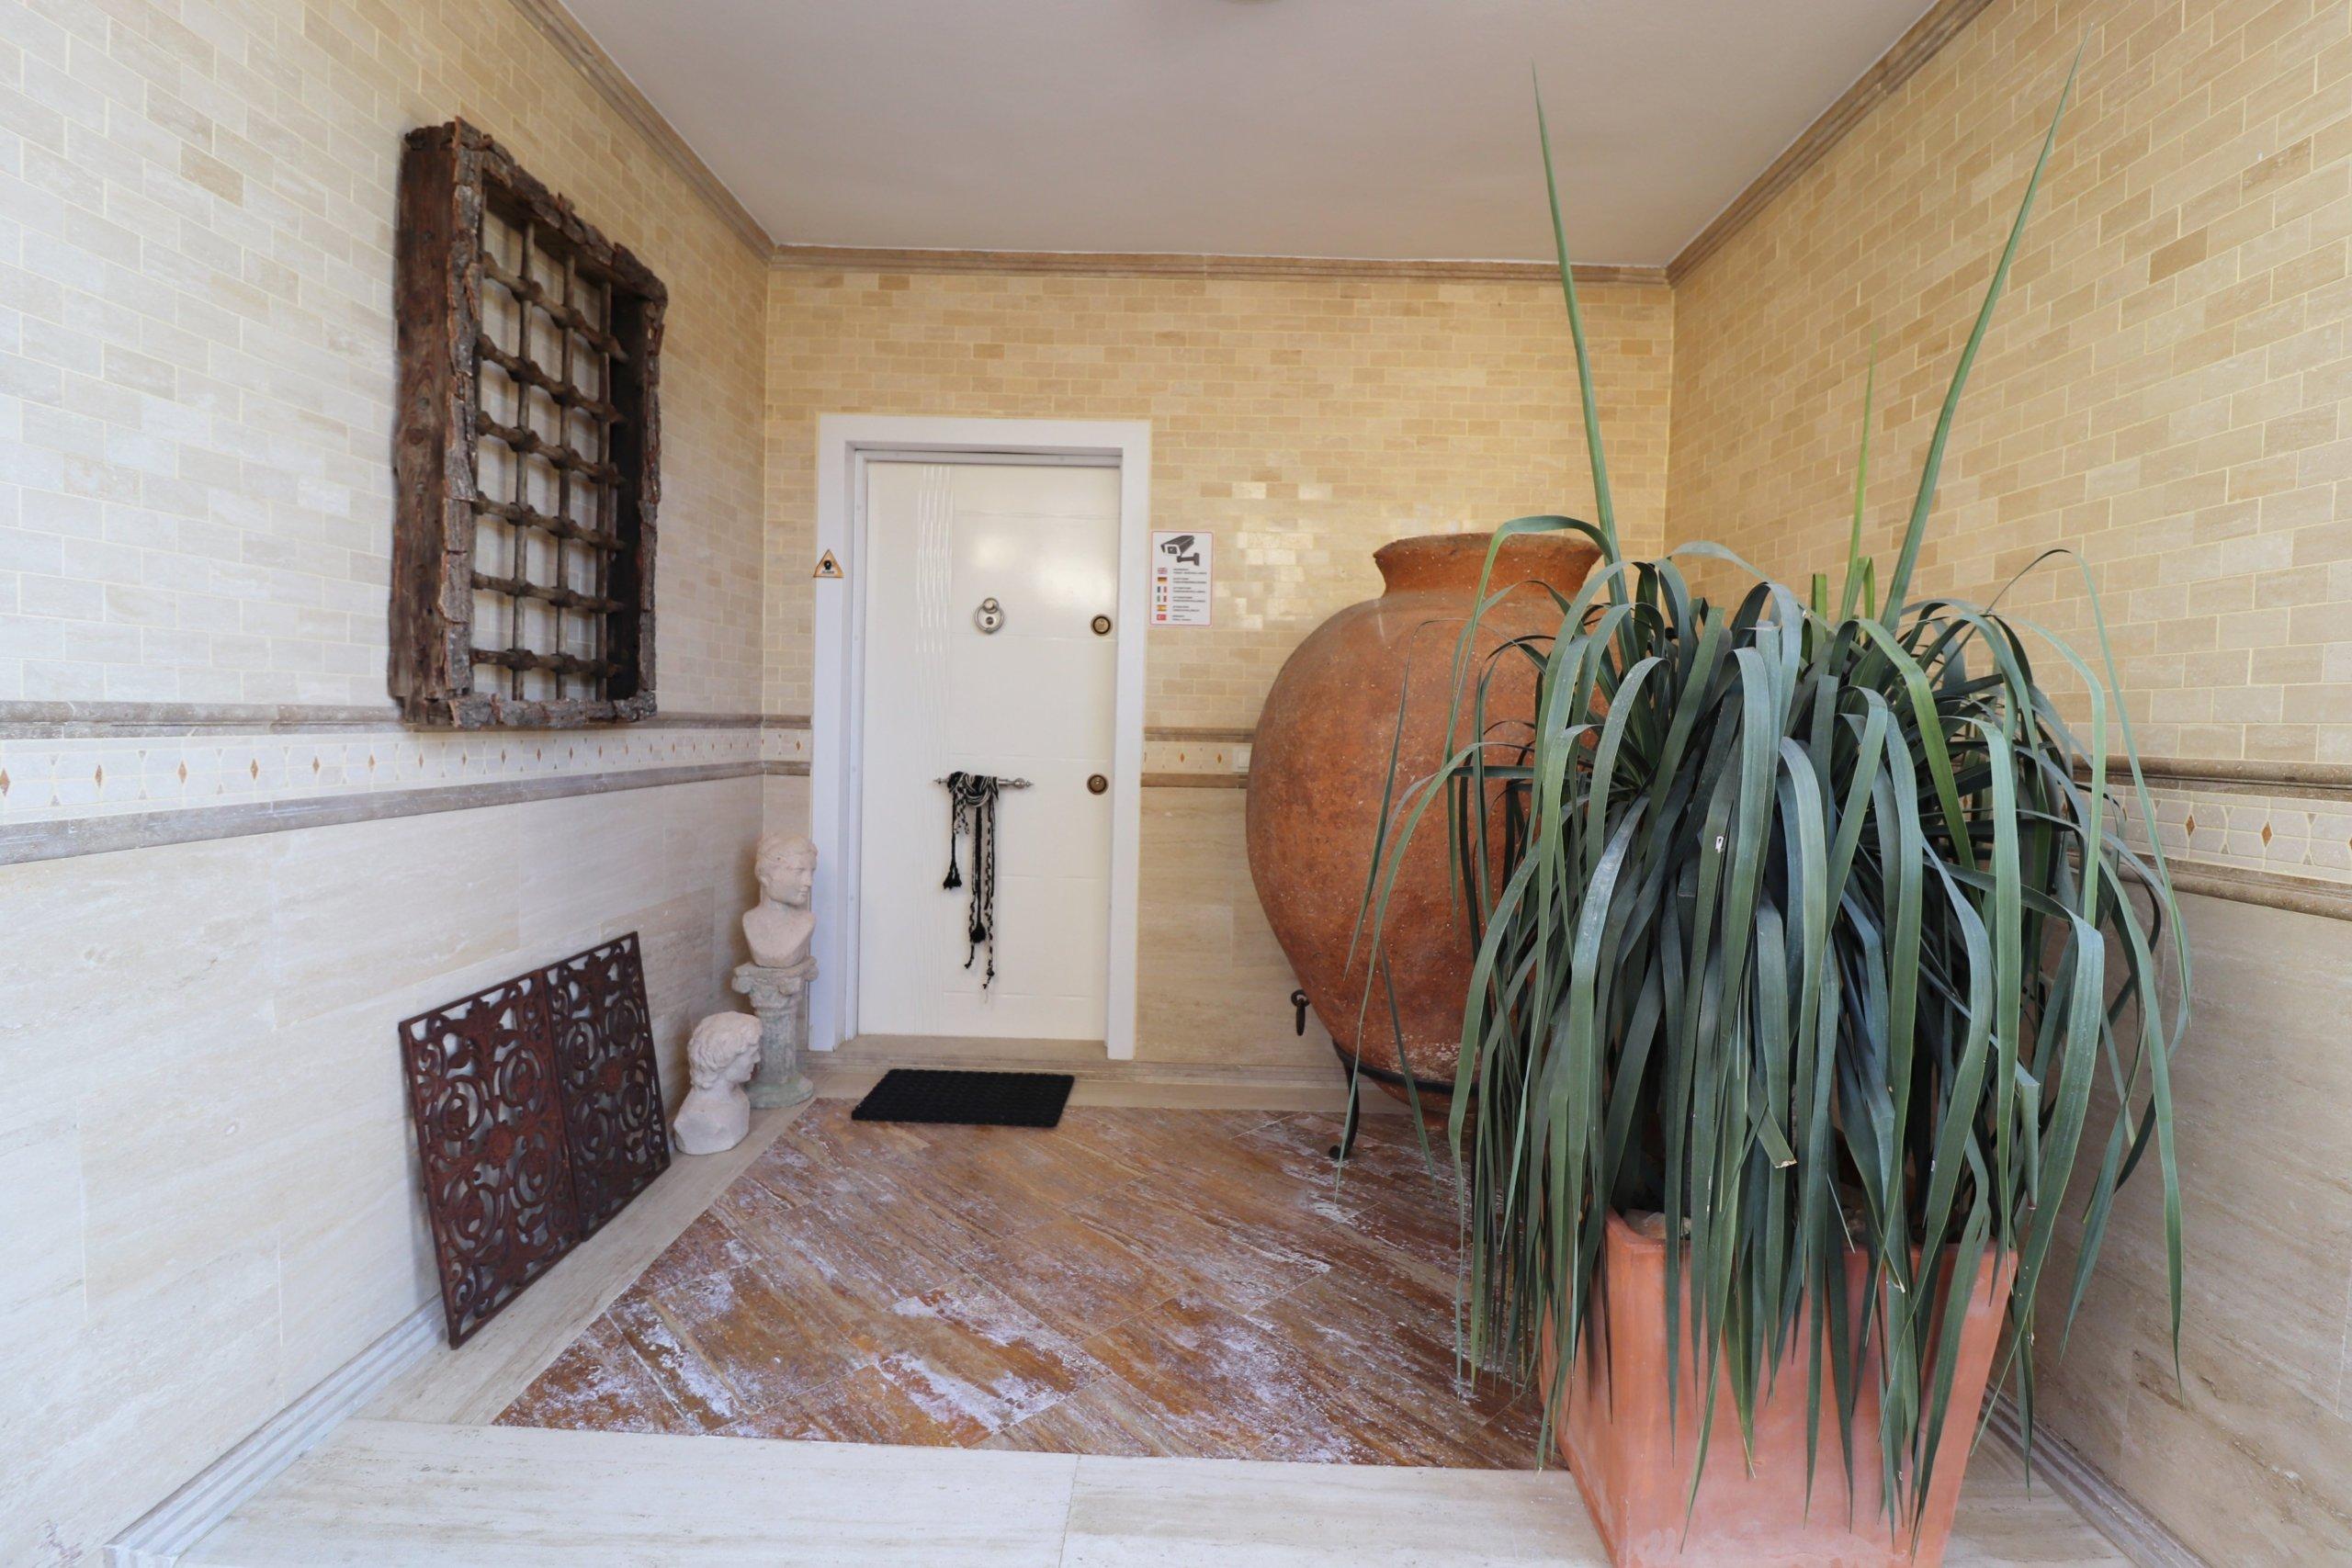 Эксклюзивная двухэтажная вилла в античном стиле с великолепным панорамным видом